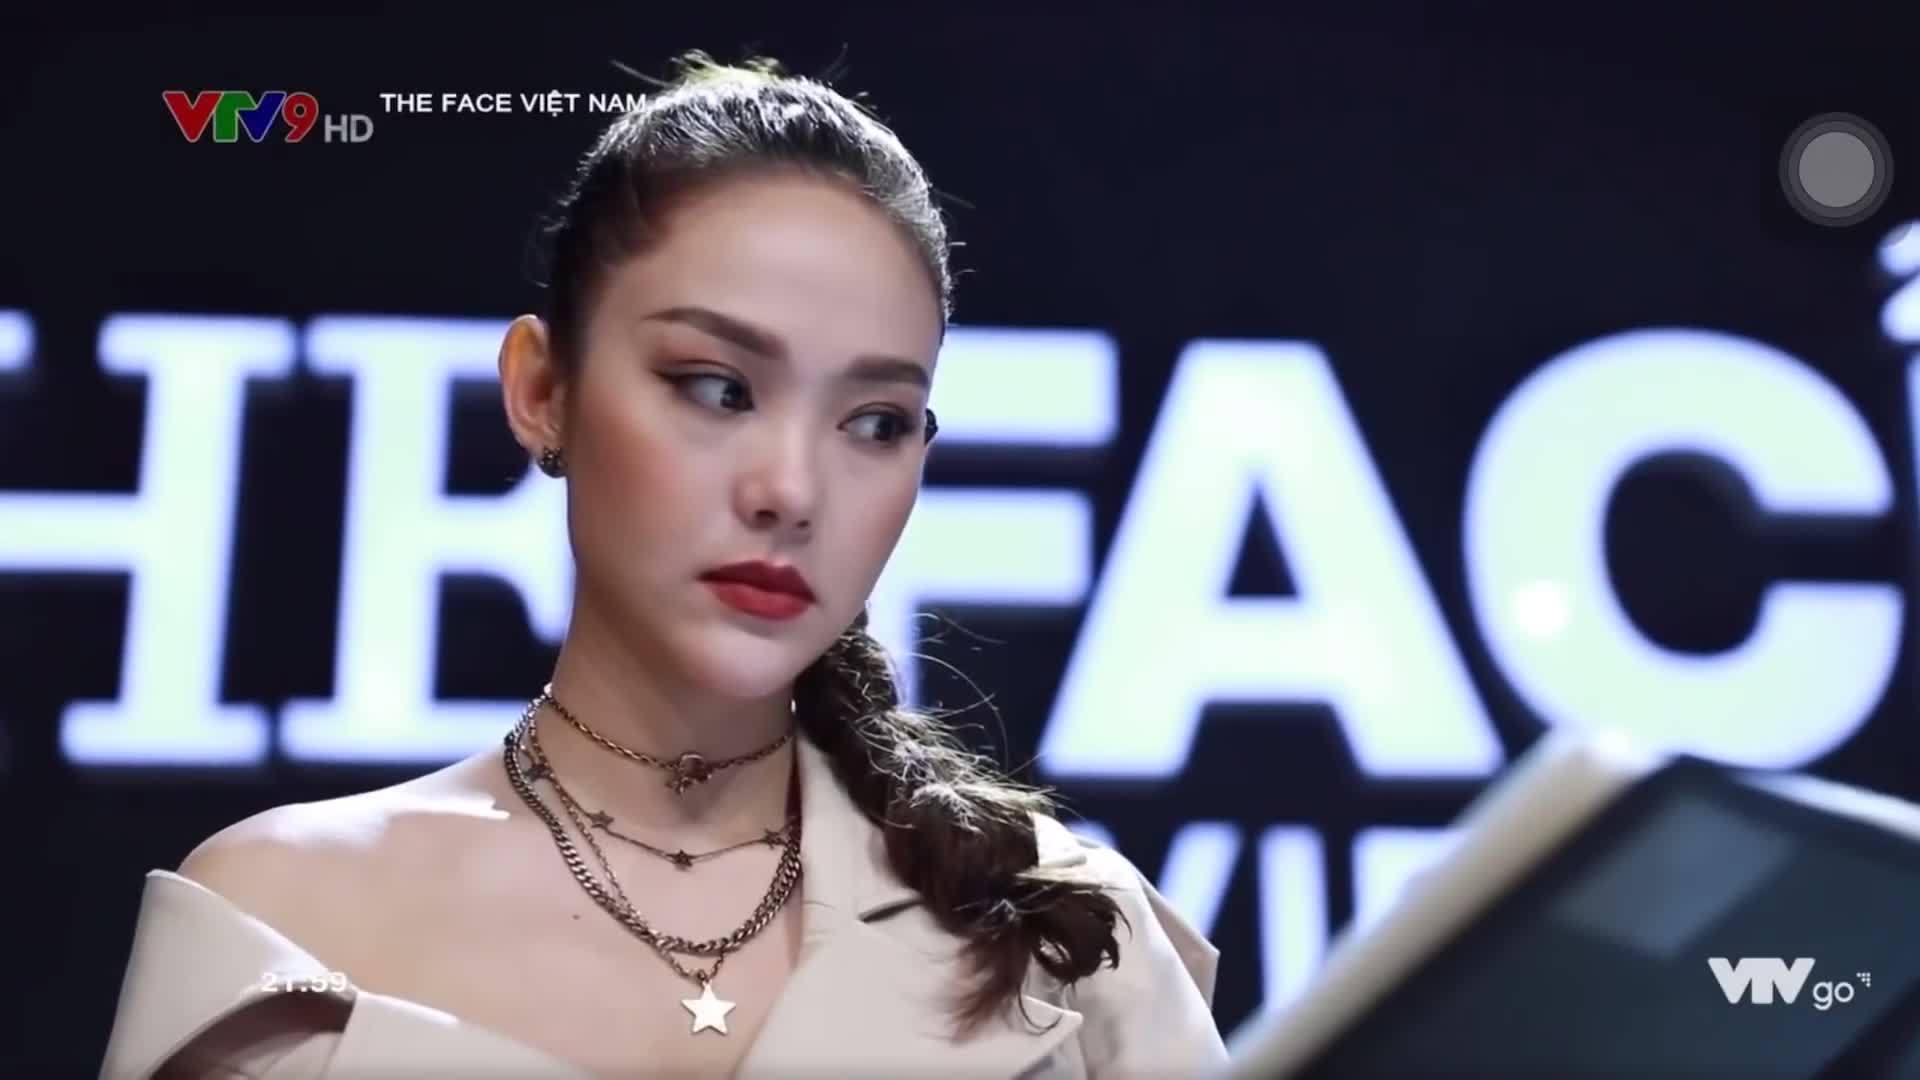 Minh Hằng từ chối quyền loại người trong tập 7 The Face